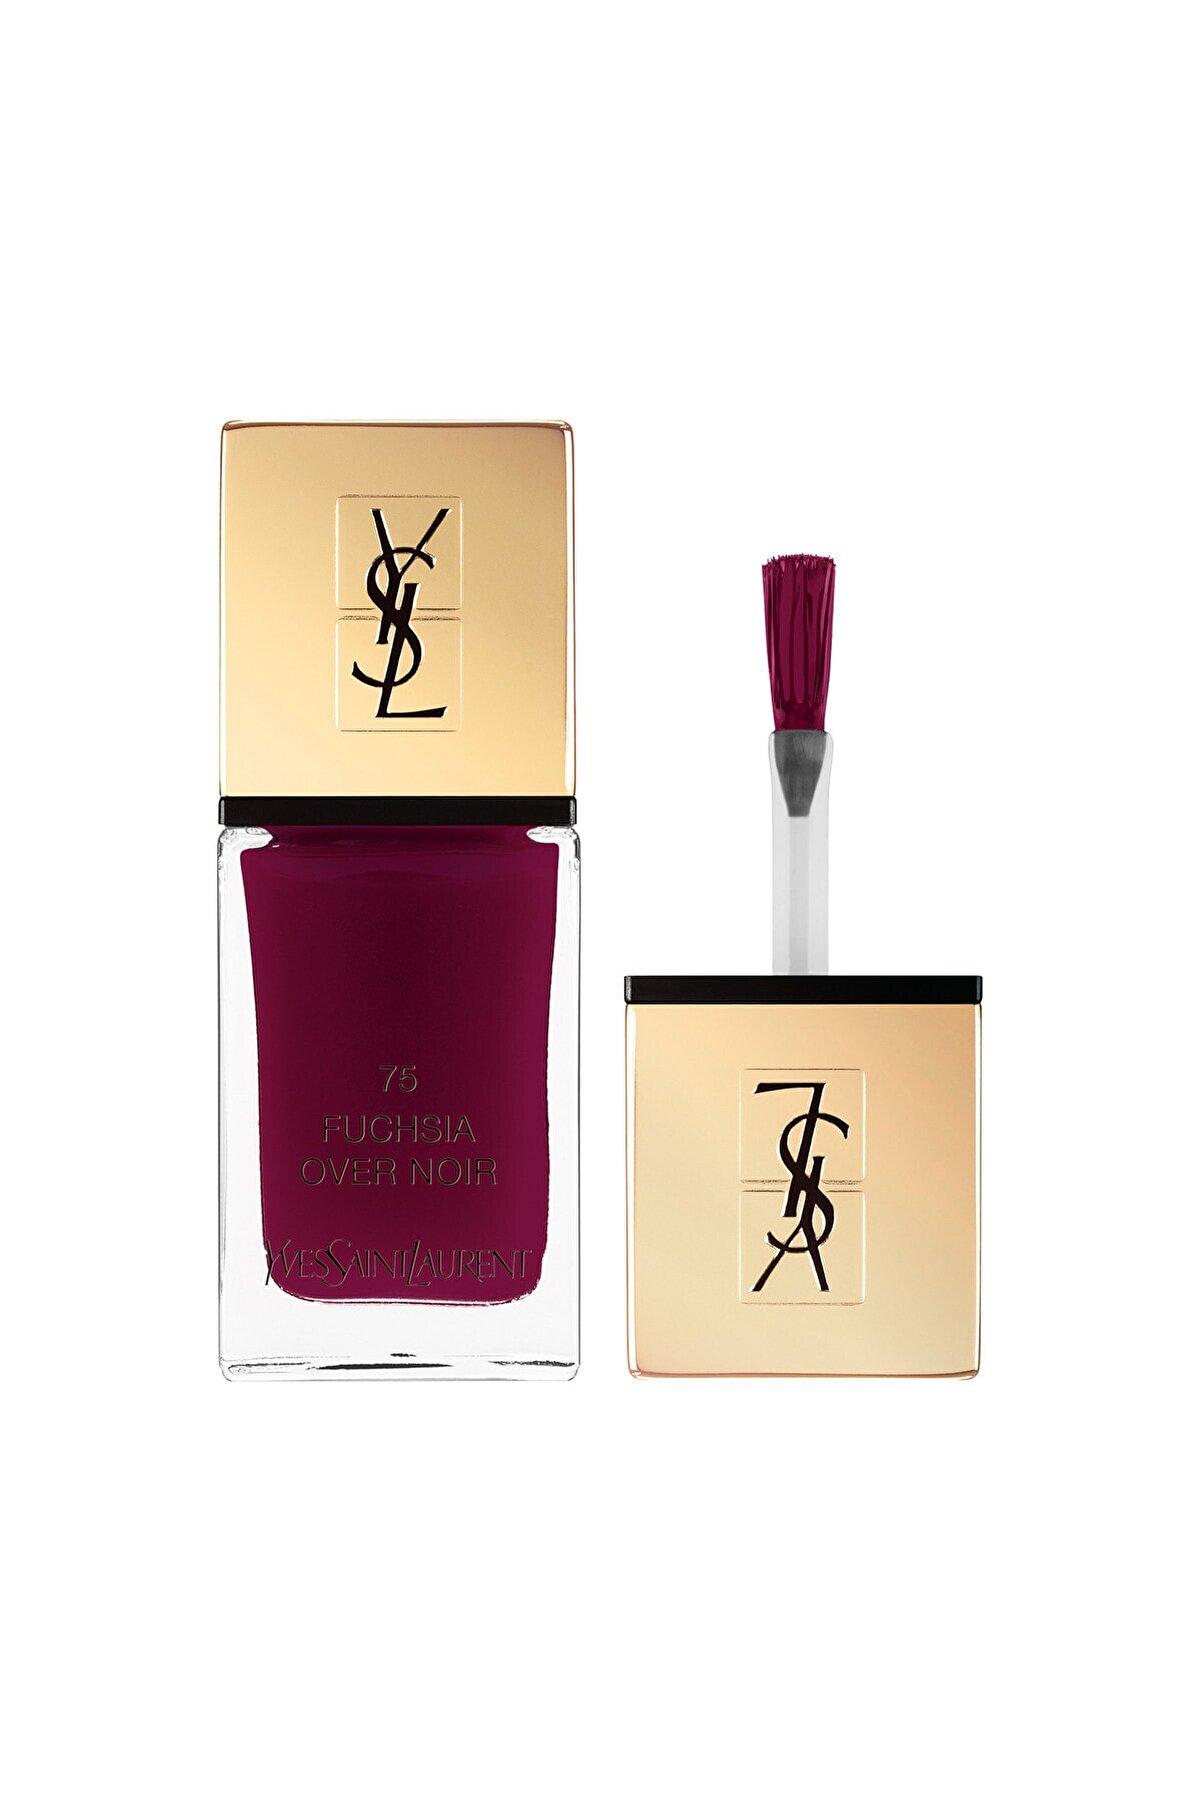 Yves Saint Laurent La Laque Couture Tırnaklarınızda Couture Dünyasını Hissettiren Oje 75fuchsia Overnoir 3614271332738